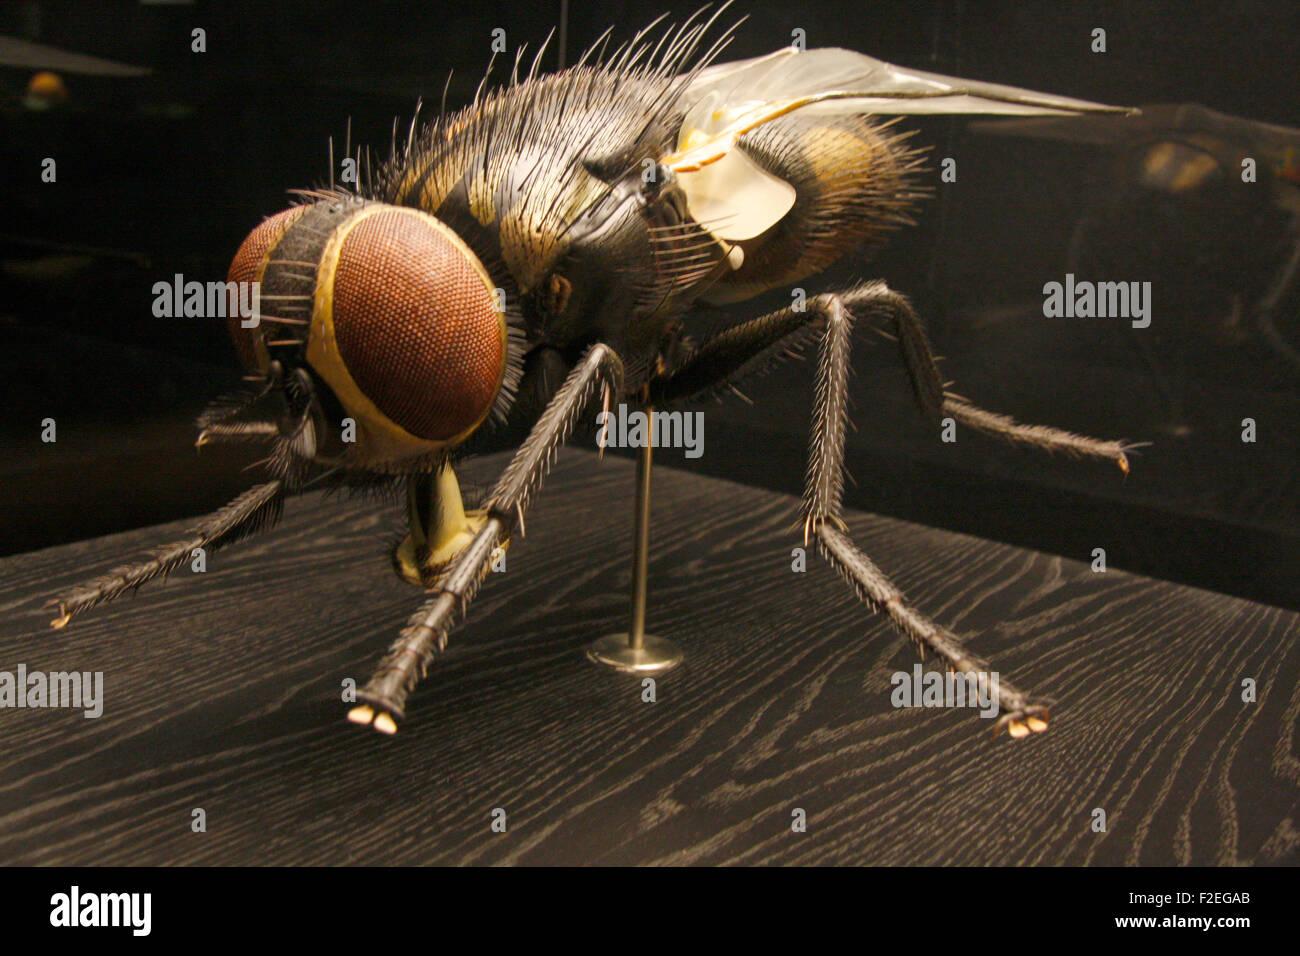 ein Modell einer Stubenfliege - Exponate im Naturhistorischen Museum, Berlin-Mitte. - Stock Image